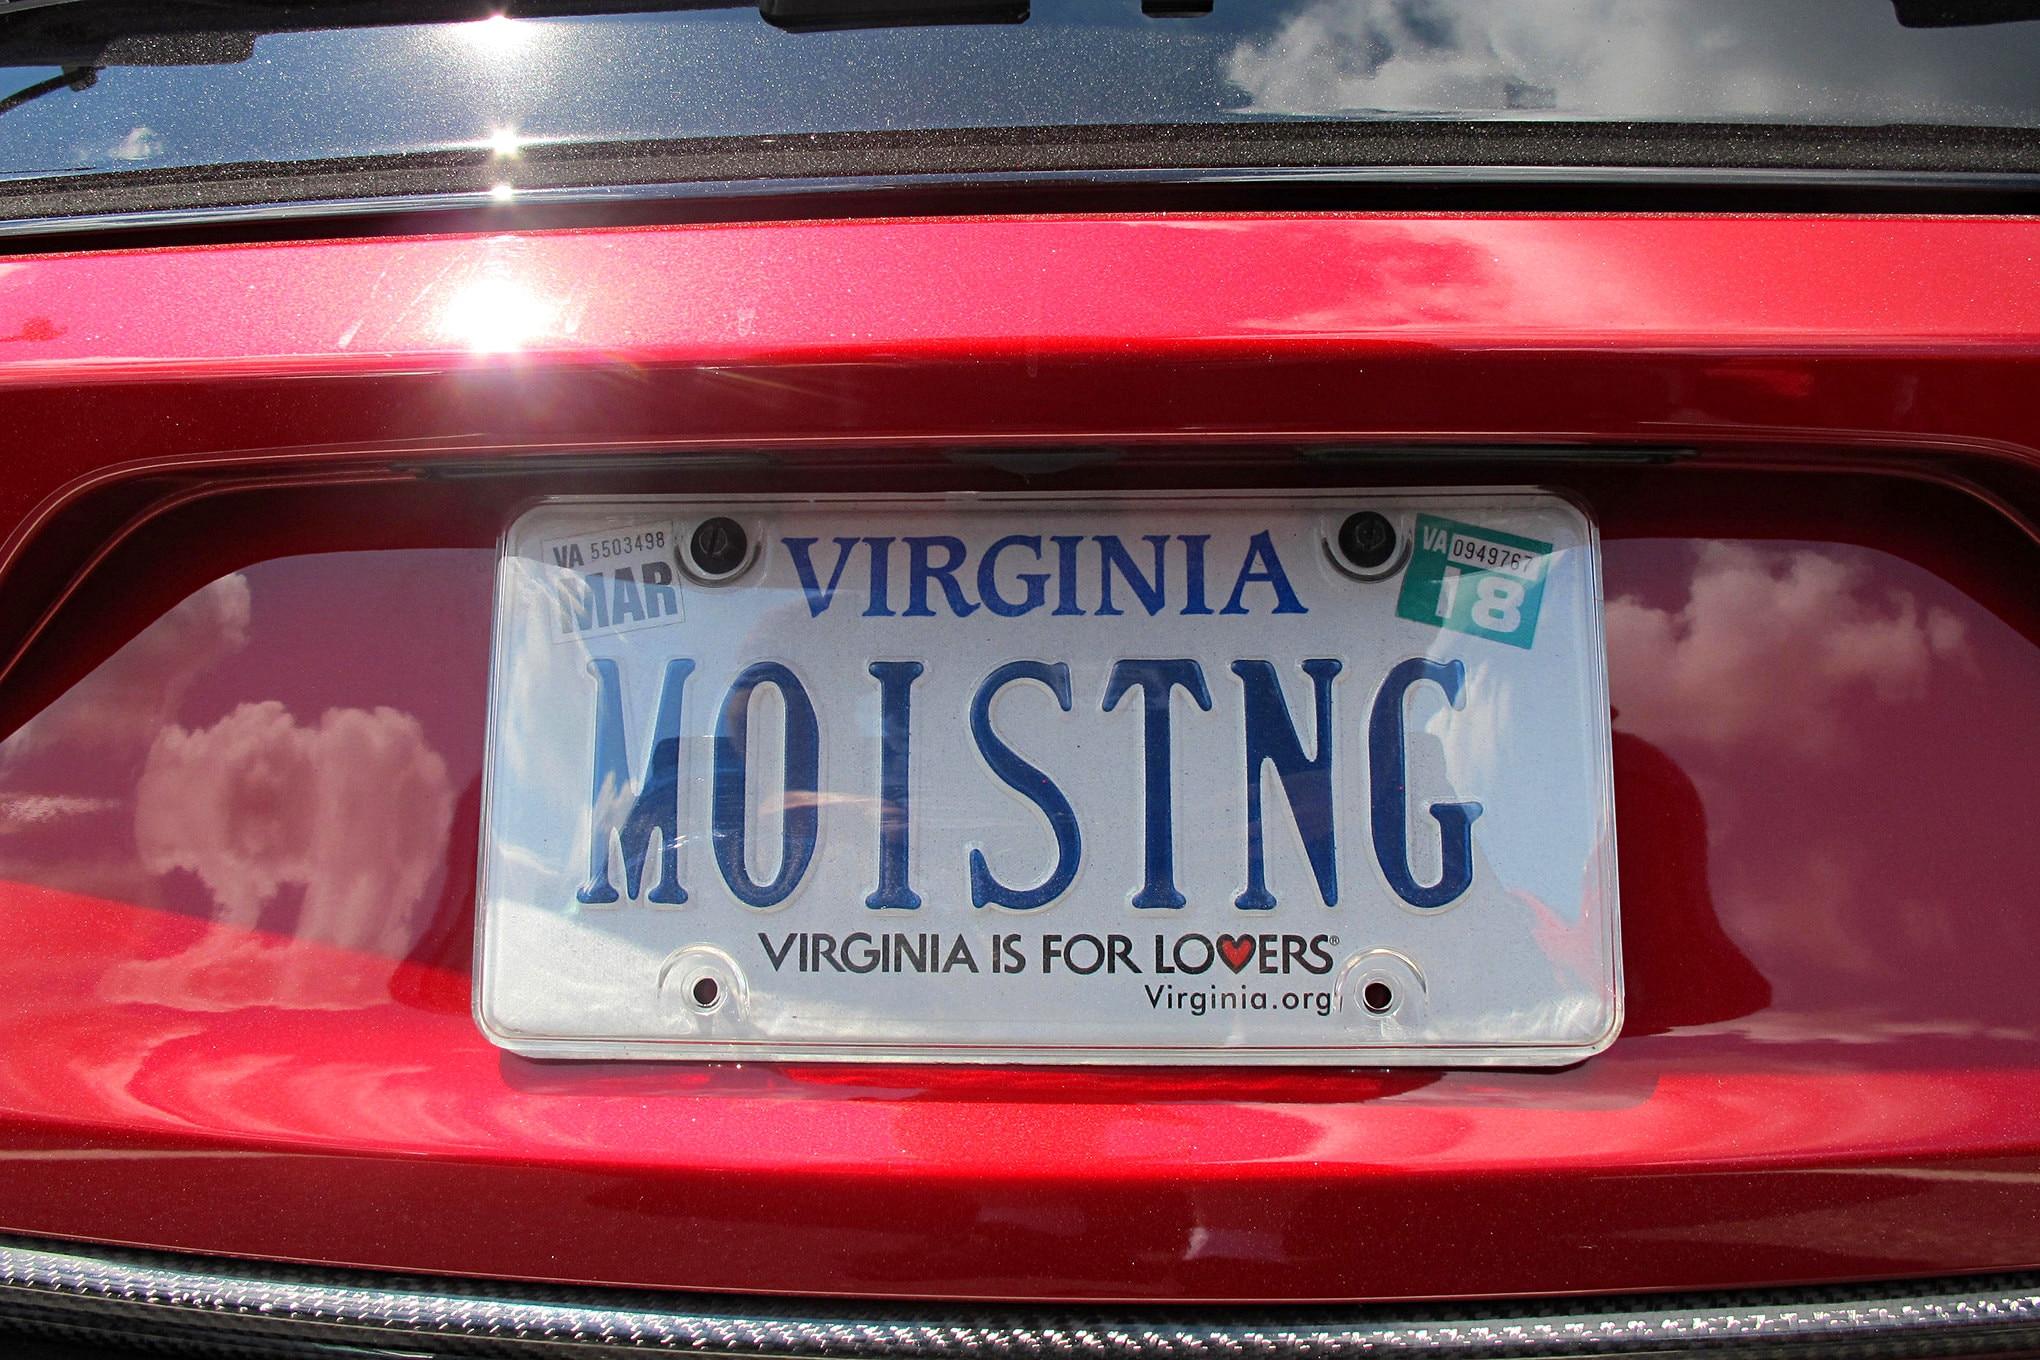 2016 Mustang Week Mustangs Custom License Plates 65